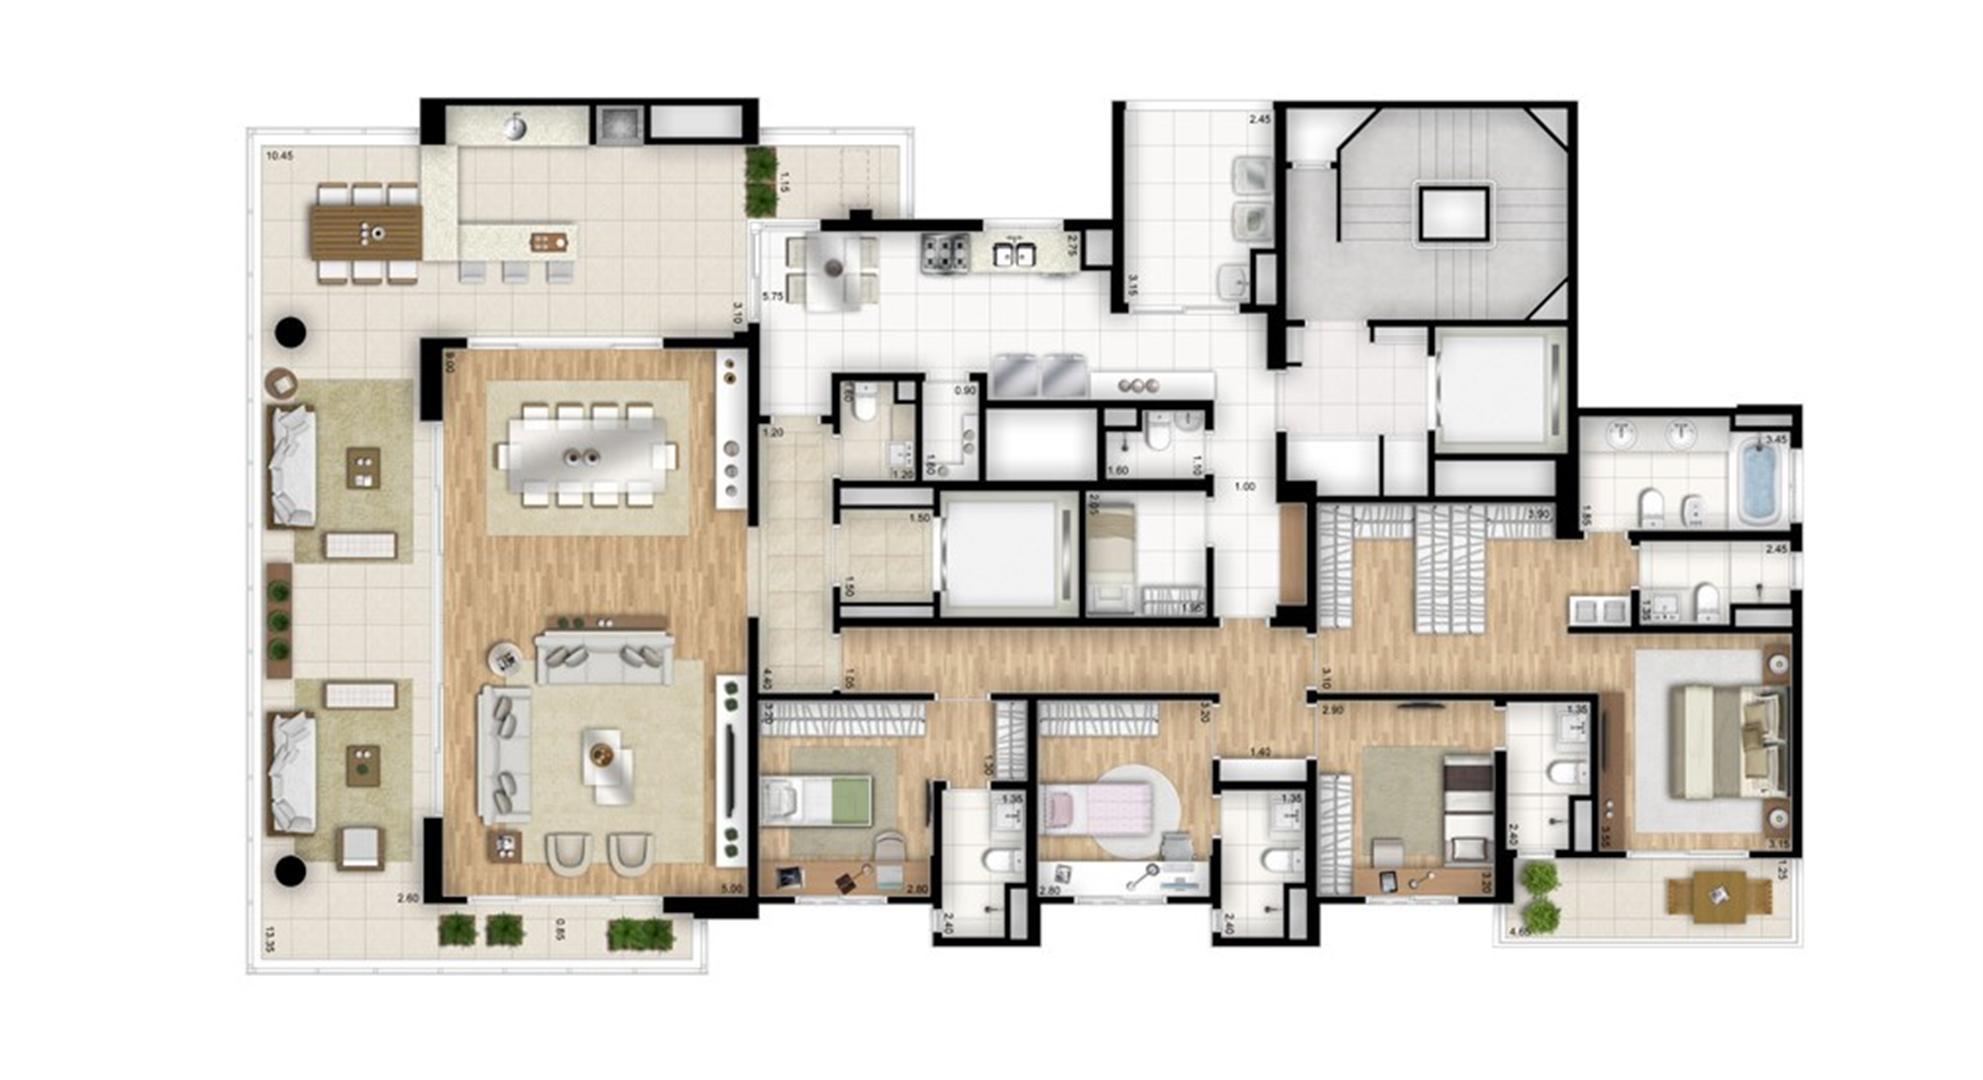 Planta tipo padrão 4 suítes banho senhor e senhora na suíte master - Torre Bianco | Cyrela Essenza Moema – Apartamento em  Moema - São Paulo - São Paulo